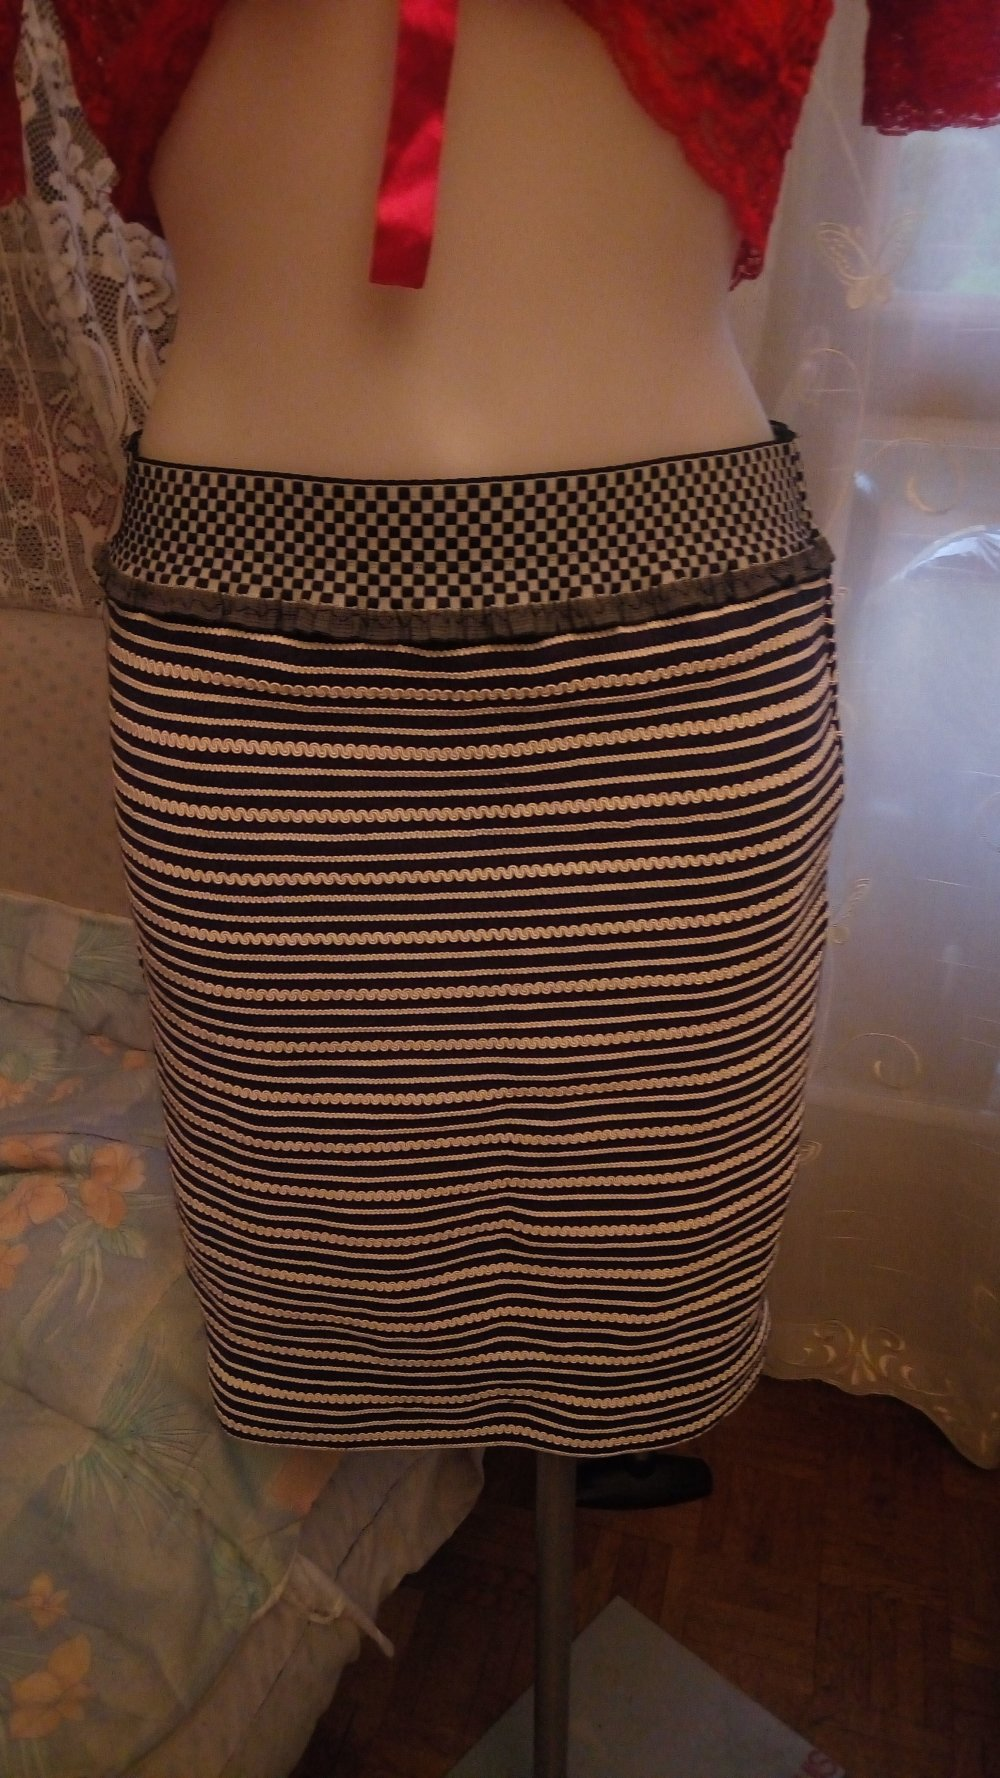 Jupe  en dentelle crochet elastique rayé blanc/bleu-marine taille 40/42 longueur 54 cm.. .